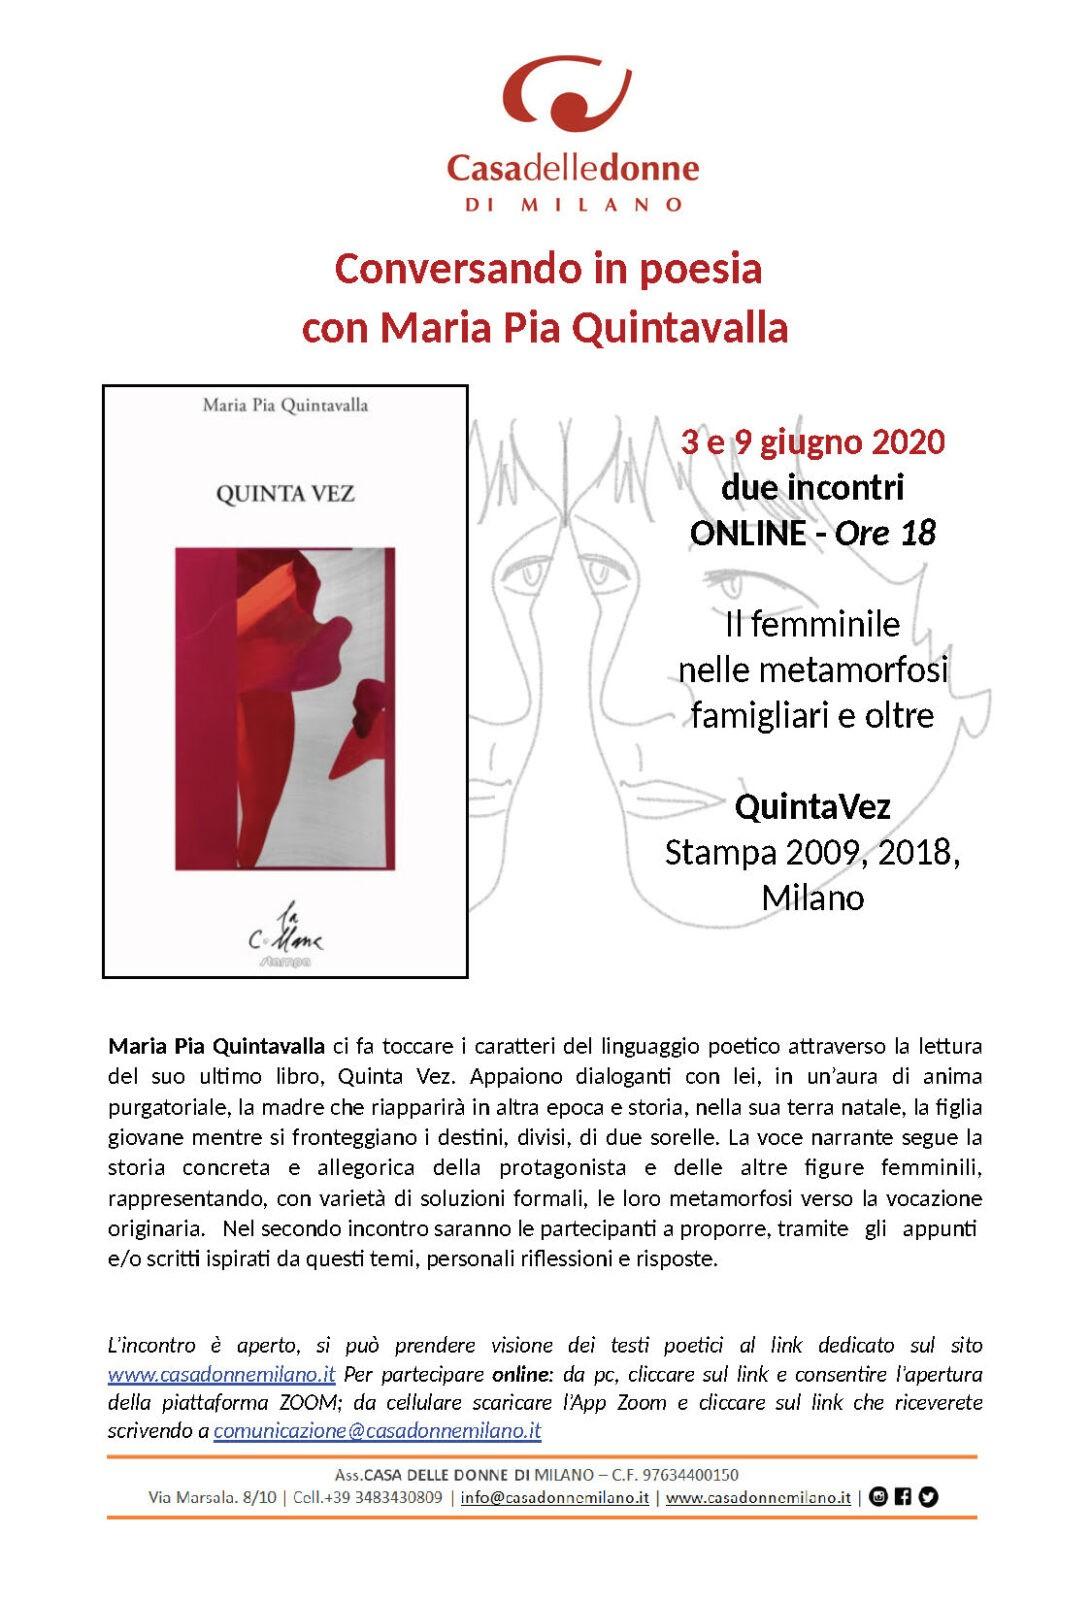 Casa delle Donne di Milano – Conversando in poesia con Maria Pia Quintavalla